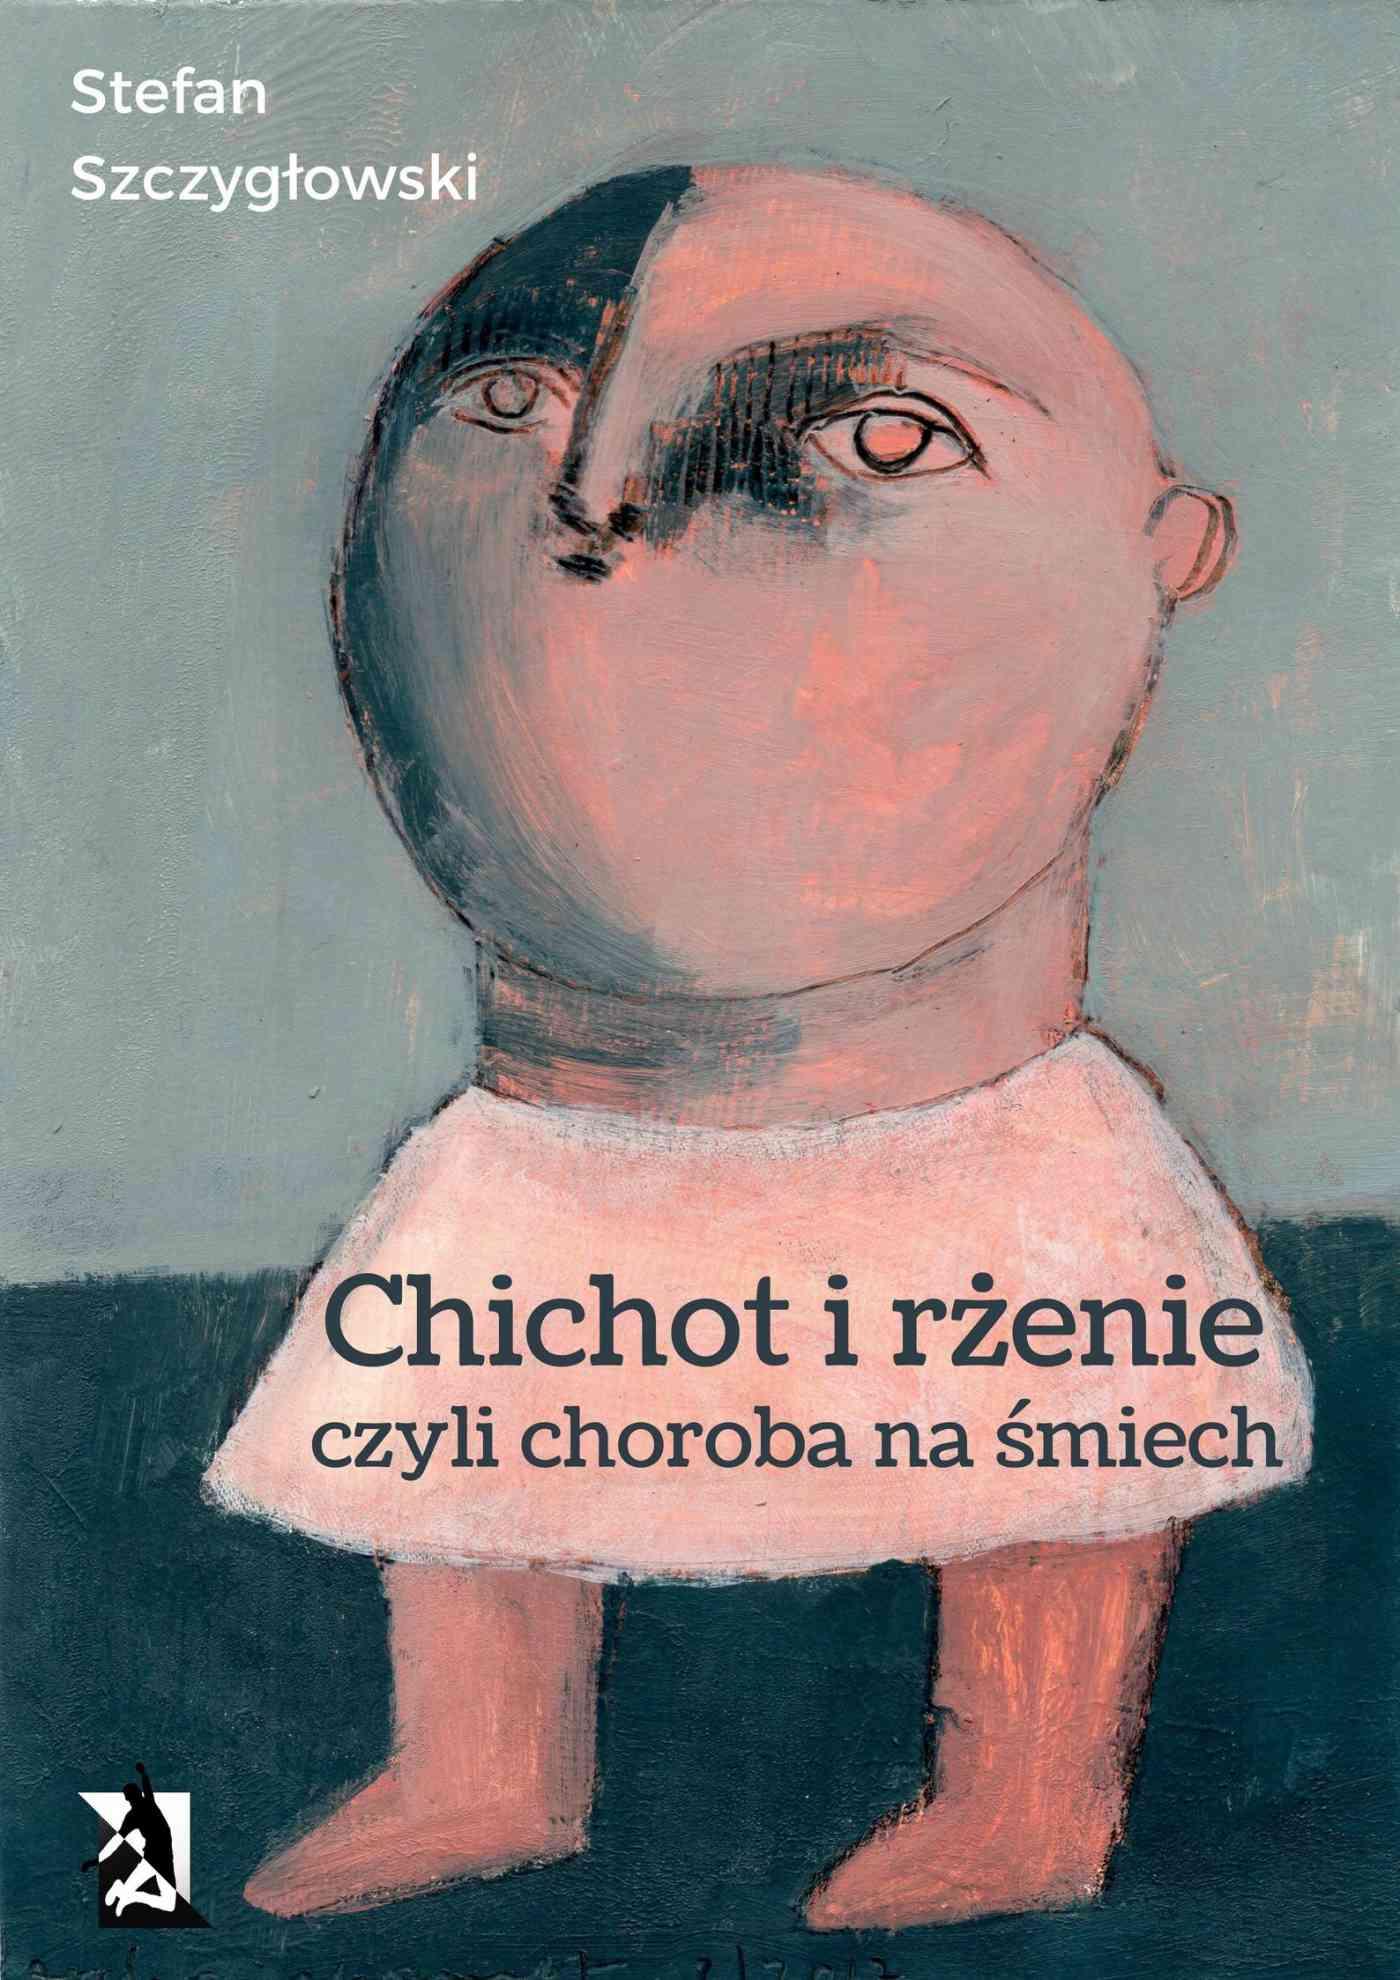 Chichot i rżenie, czyli choroba na śmiech - Ebook (Książka na Kindle) do pobrania w formacie MOBI